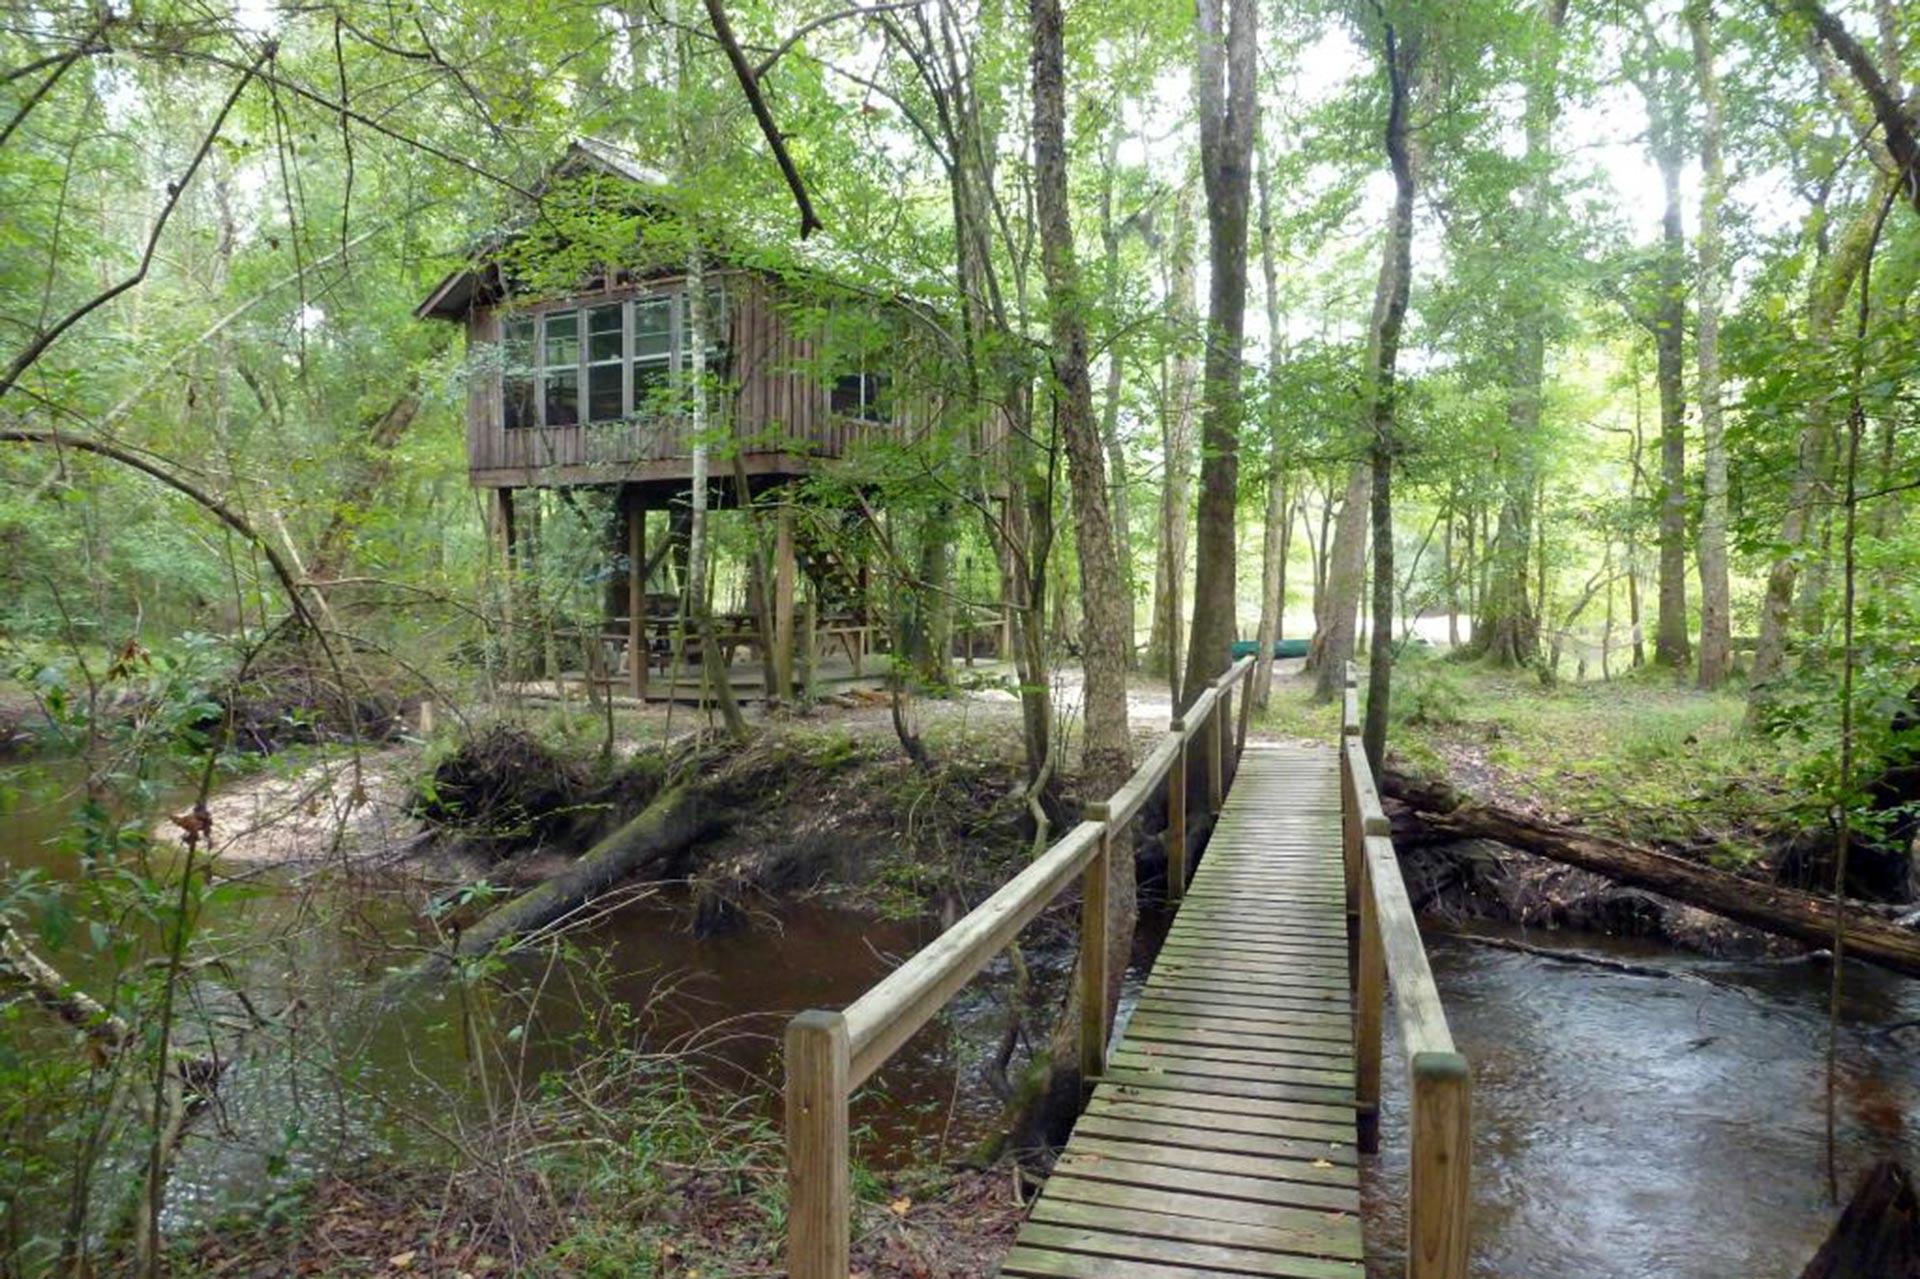 Edisto River Treehouses in South Carolina; Courtesy of TripAdvisor Traveler/Kristin S